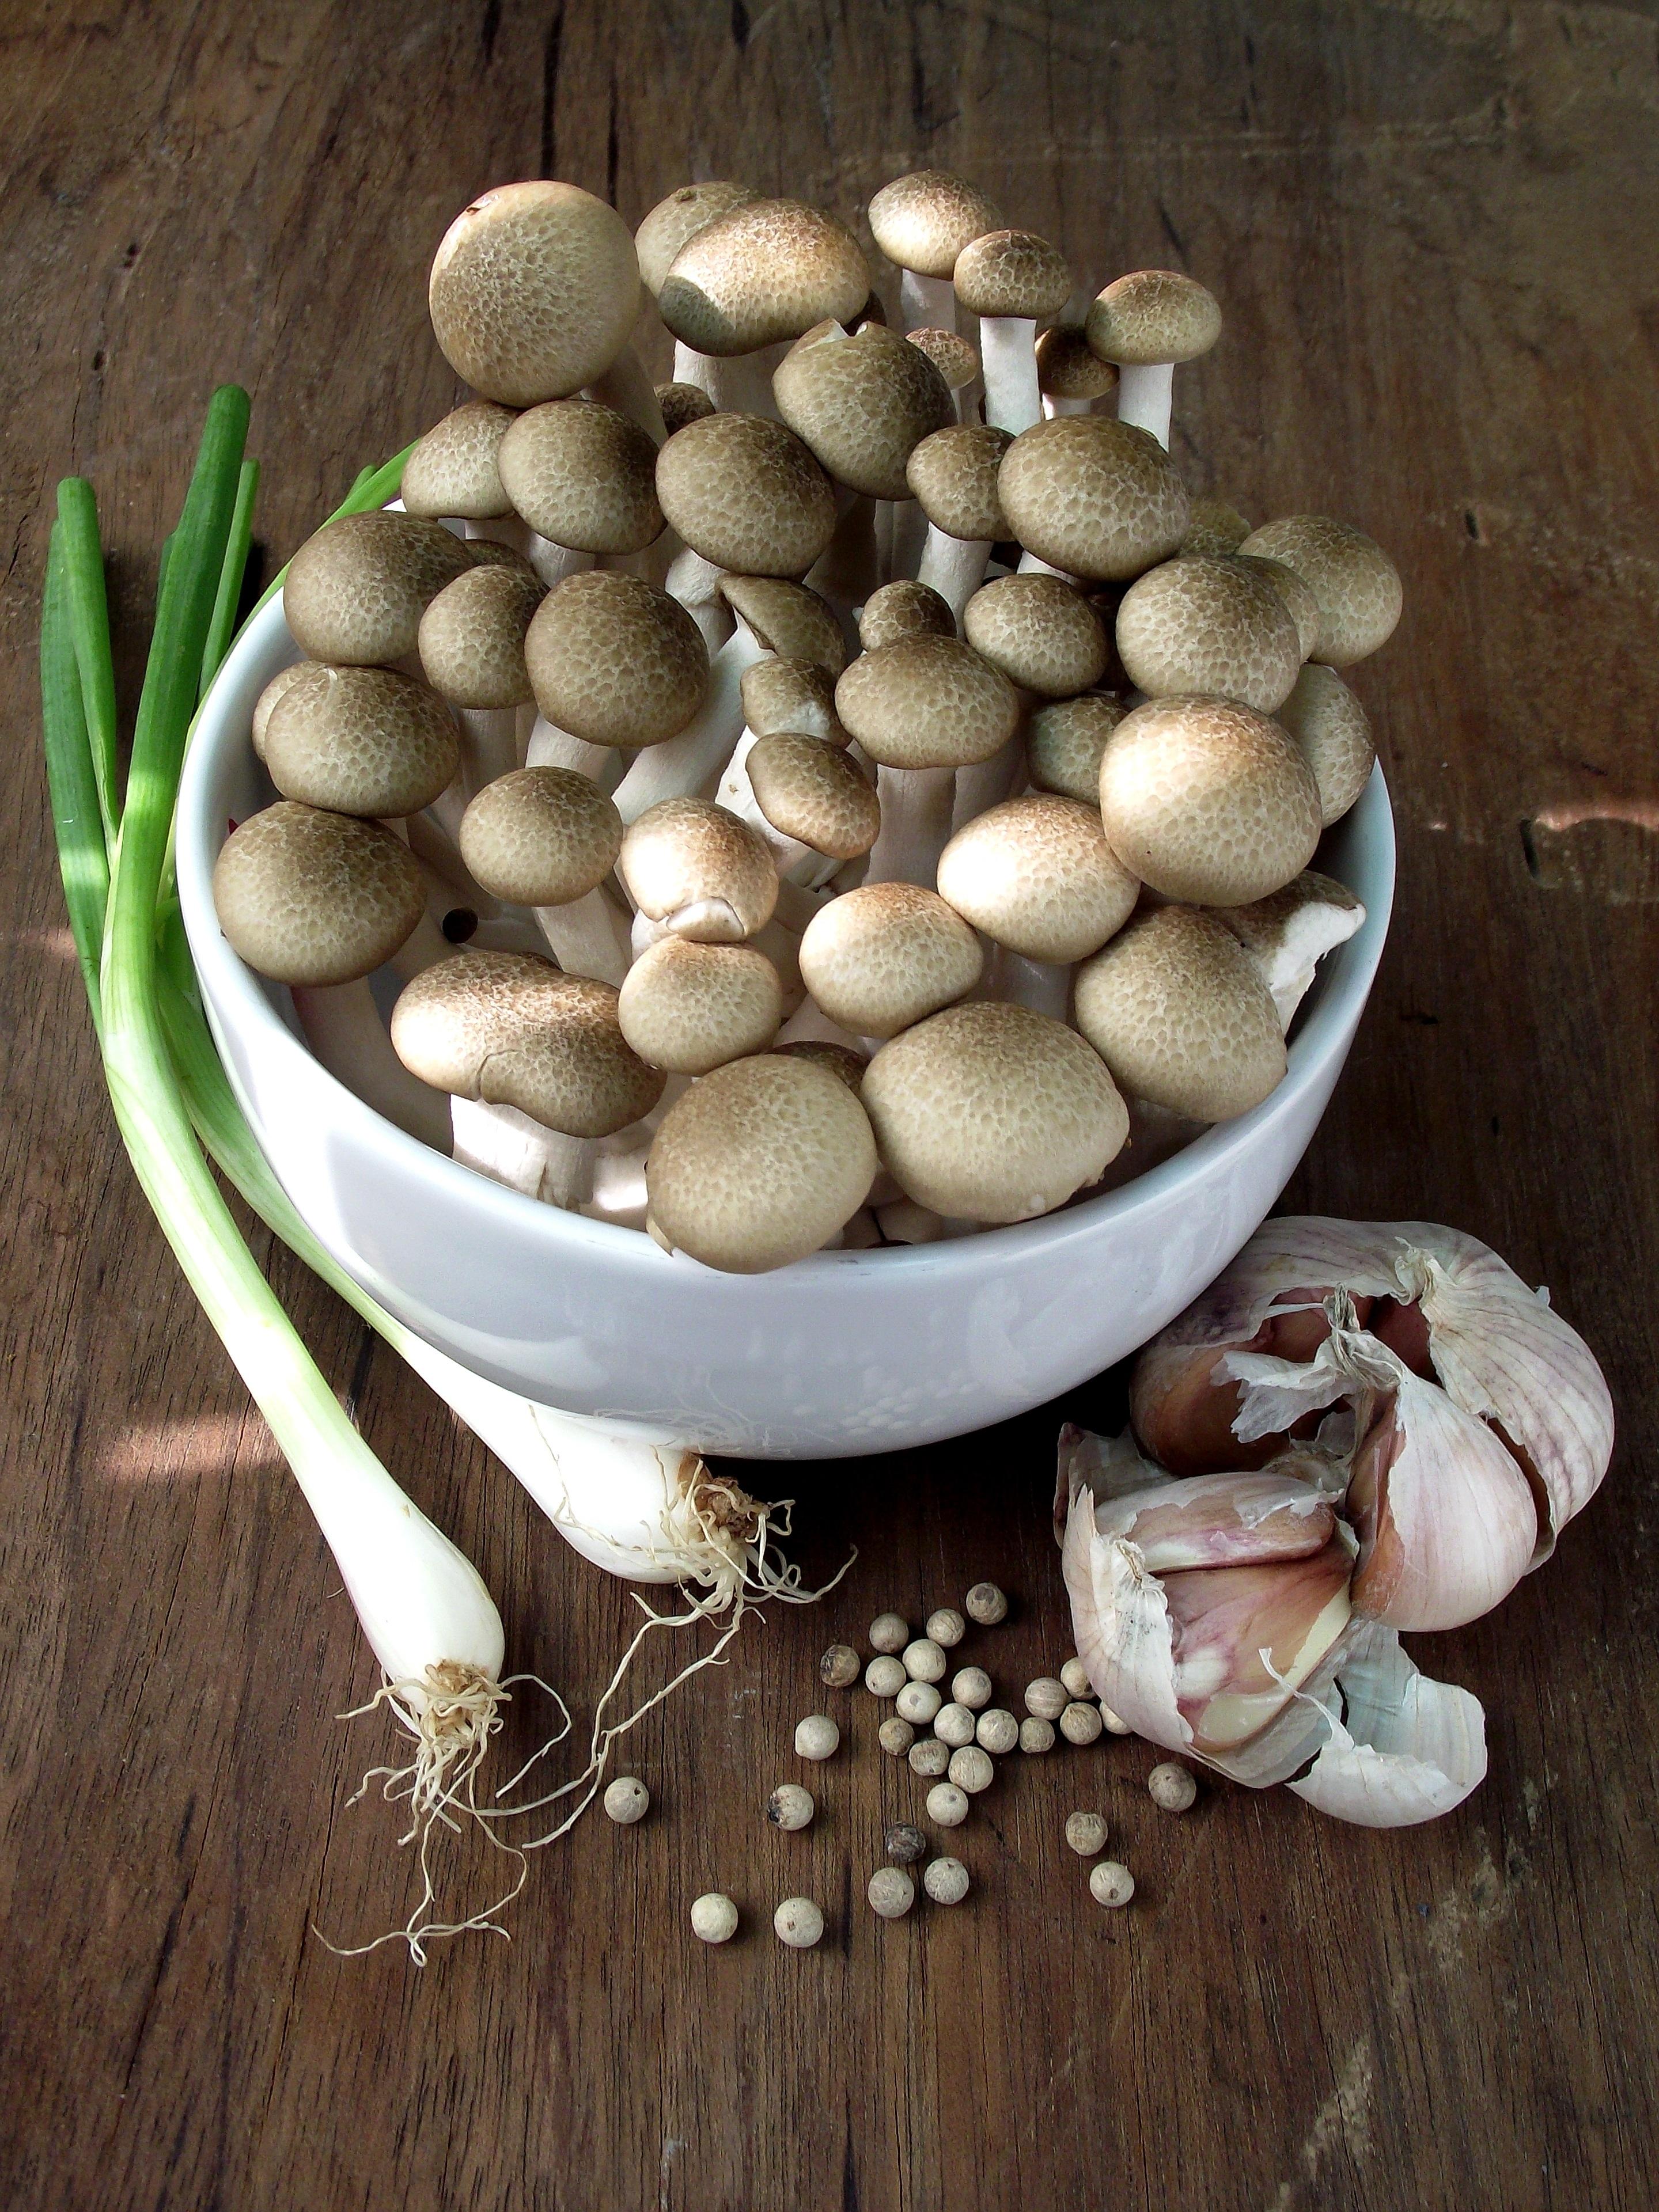 грибы овощи картинка иногда городской суете